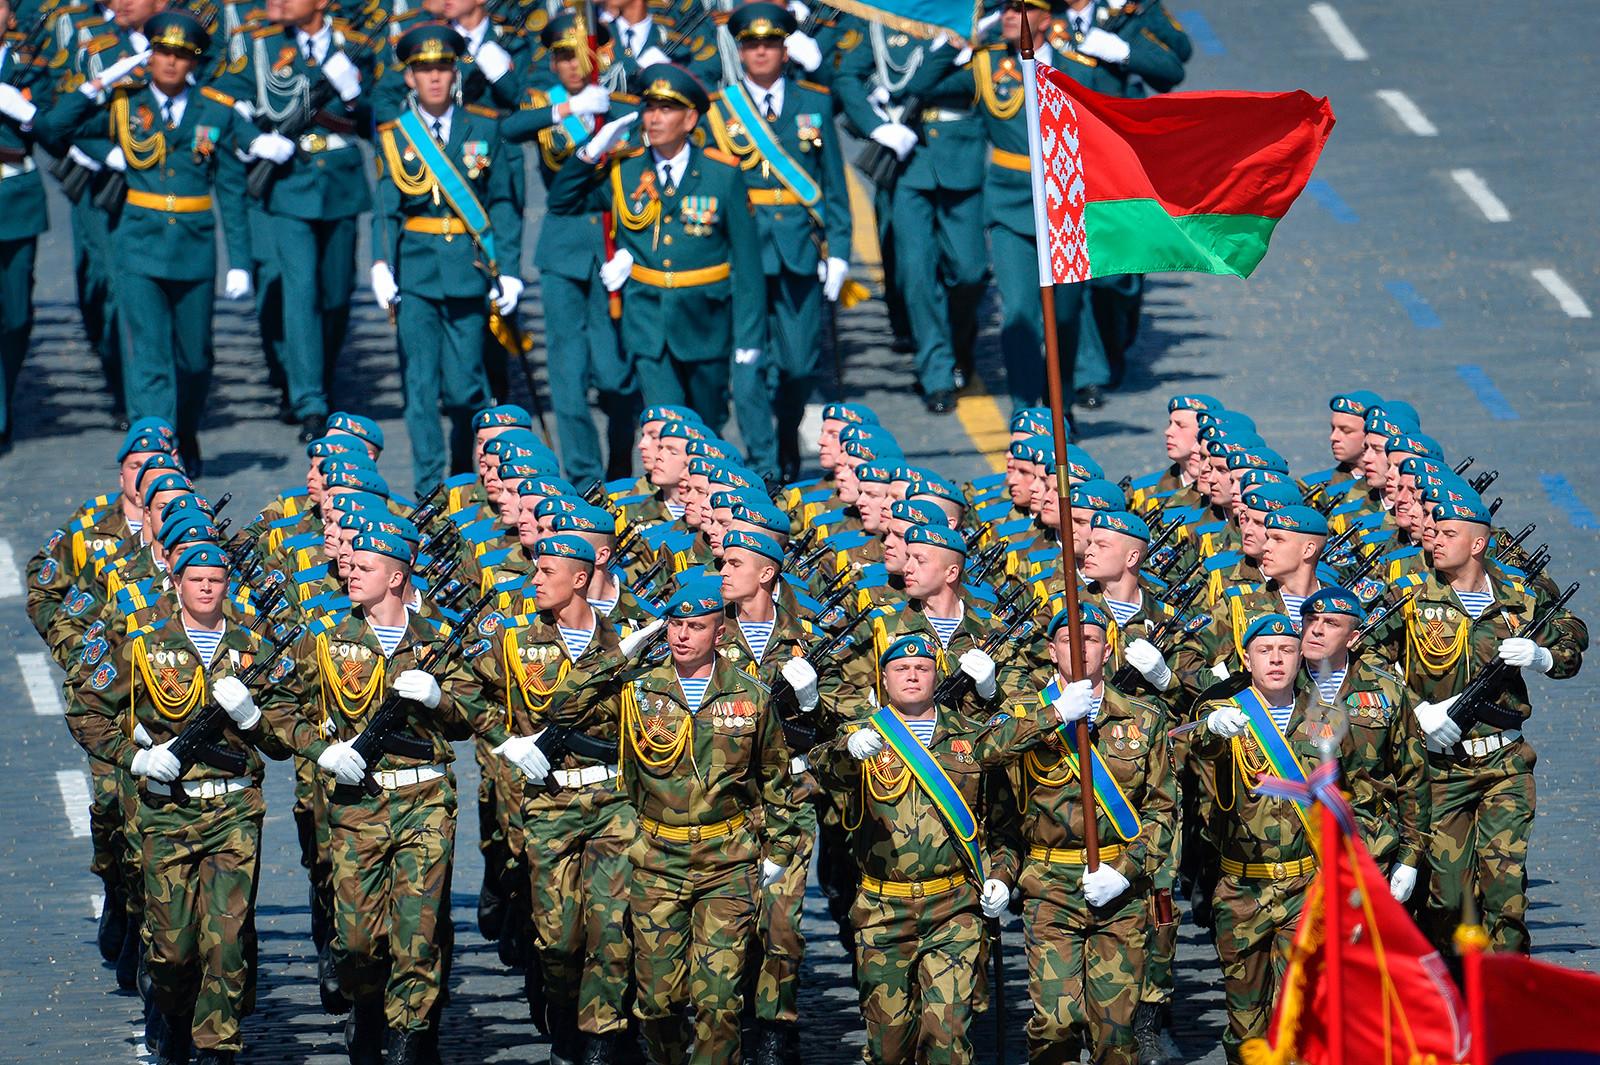 Картинки о вооруженных силах беларуси, картинках